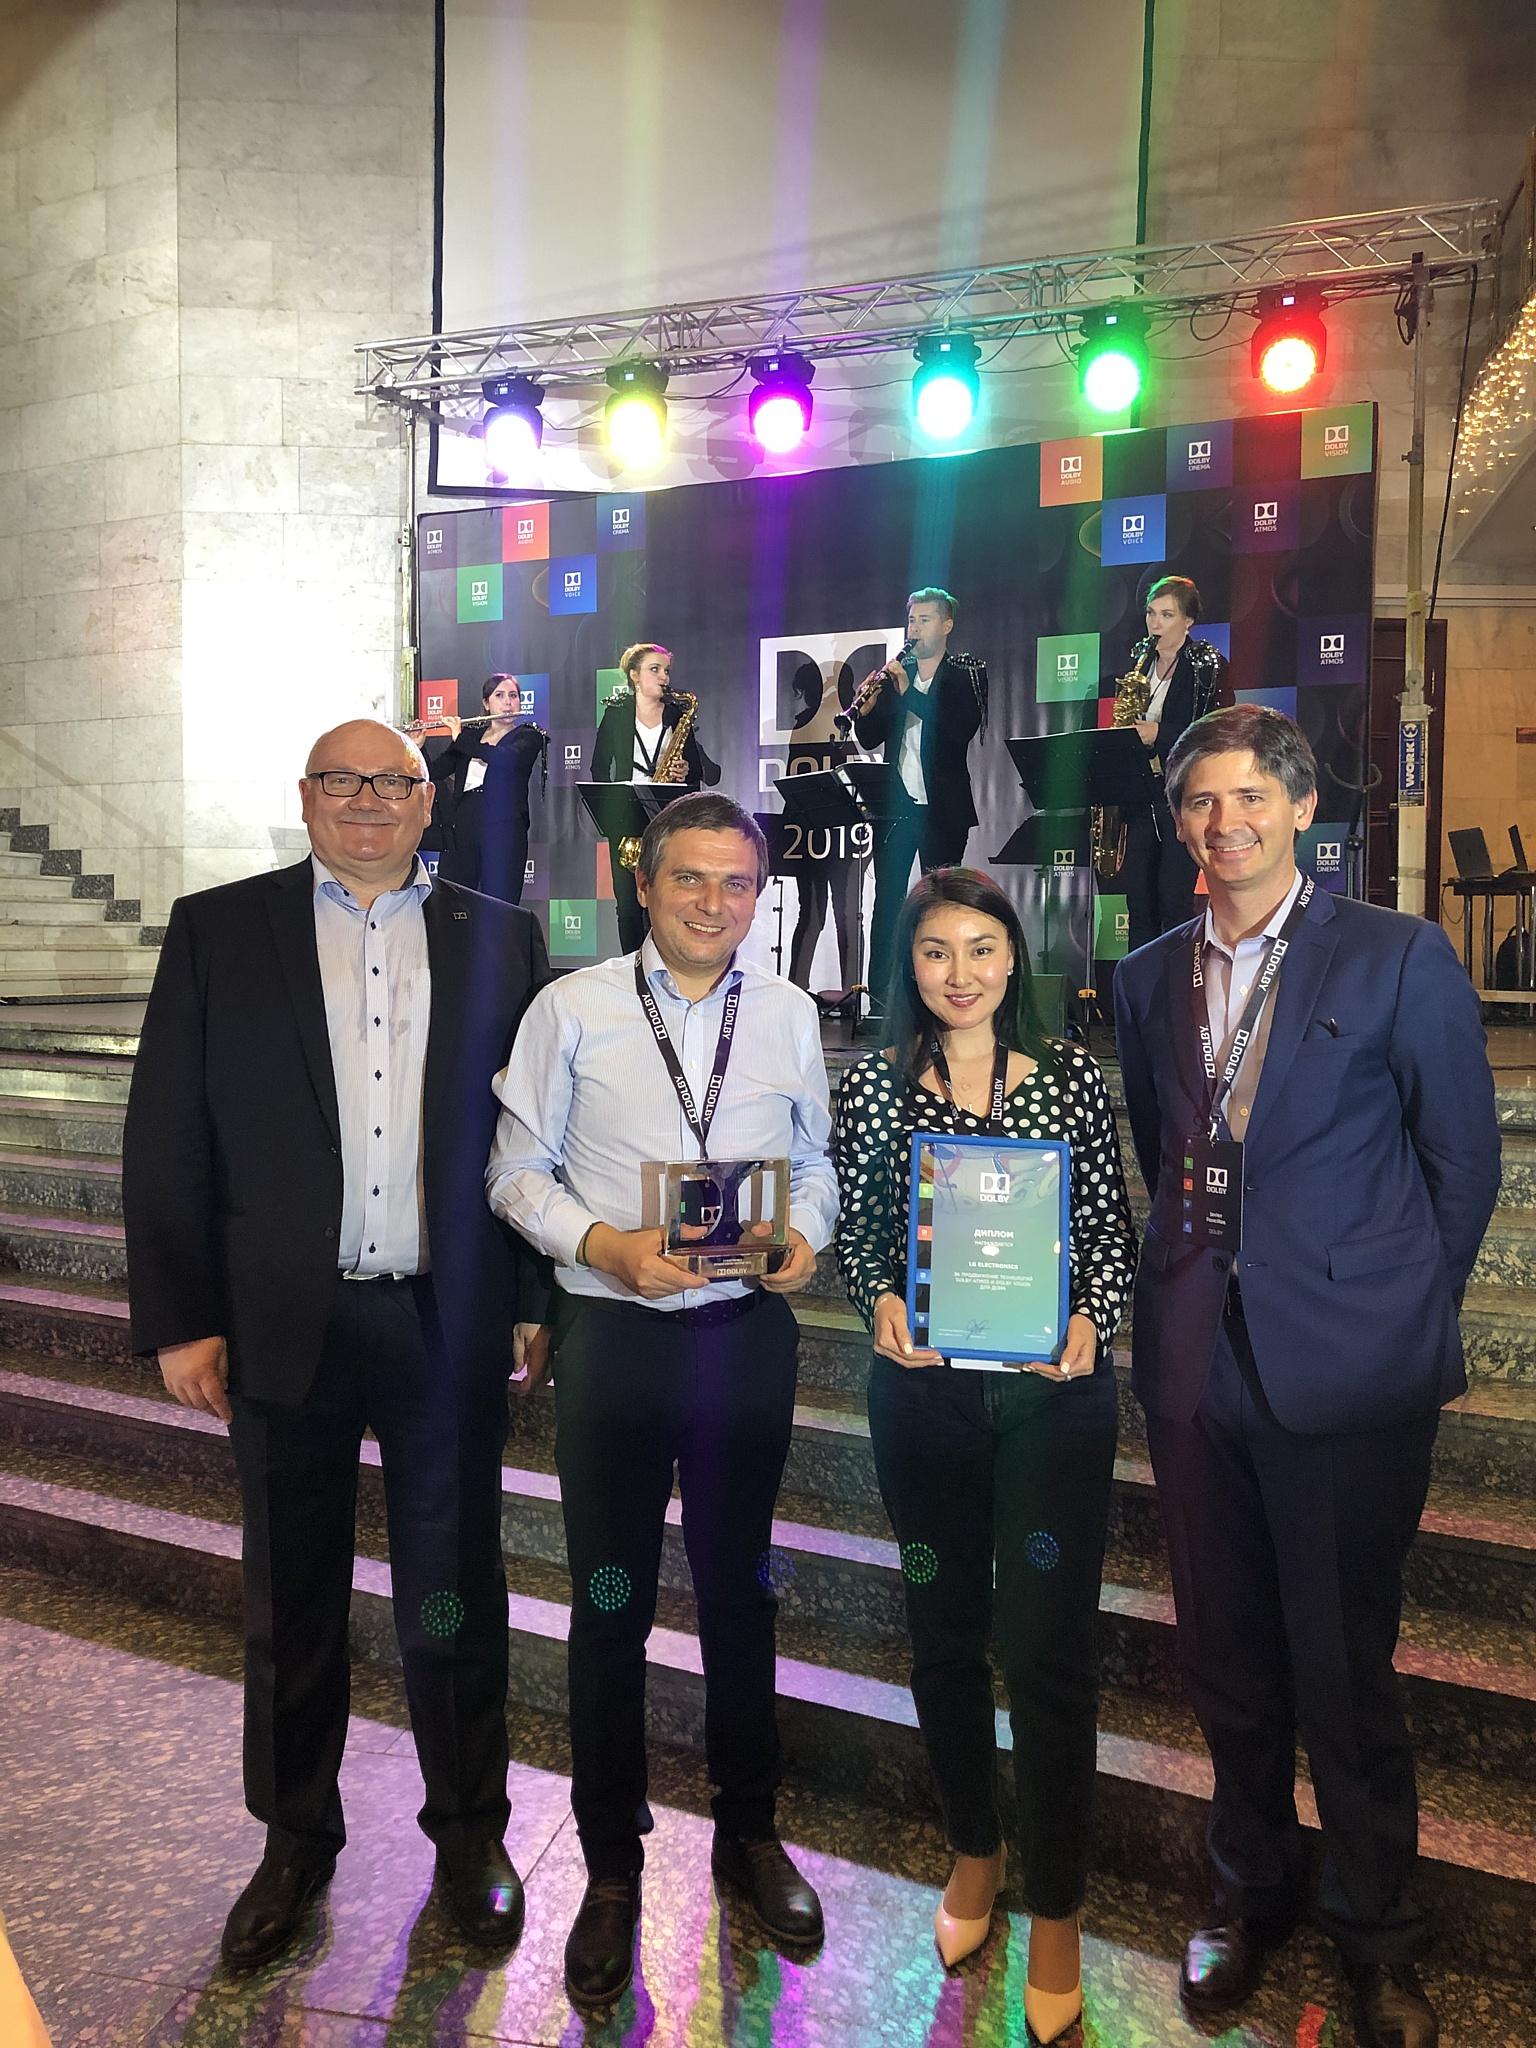 Награда «Лучший бизнес-партнер» от Dolby вручена LG Electronics